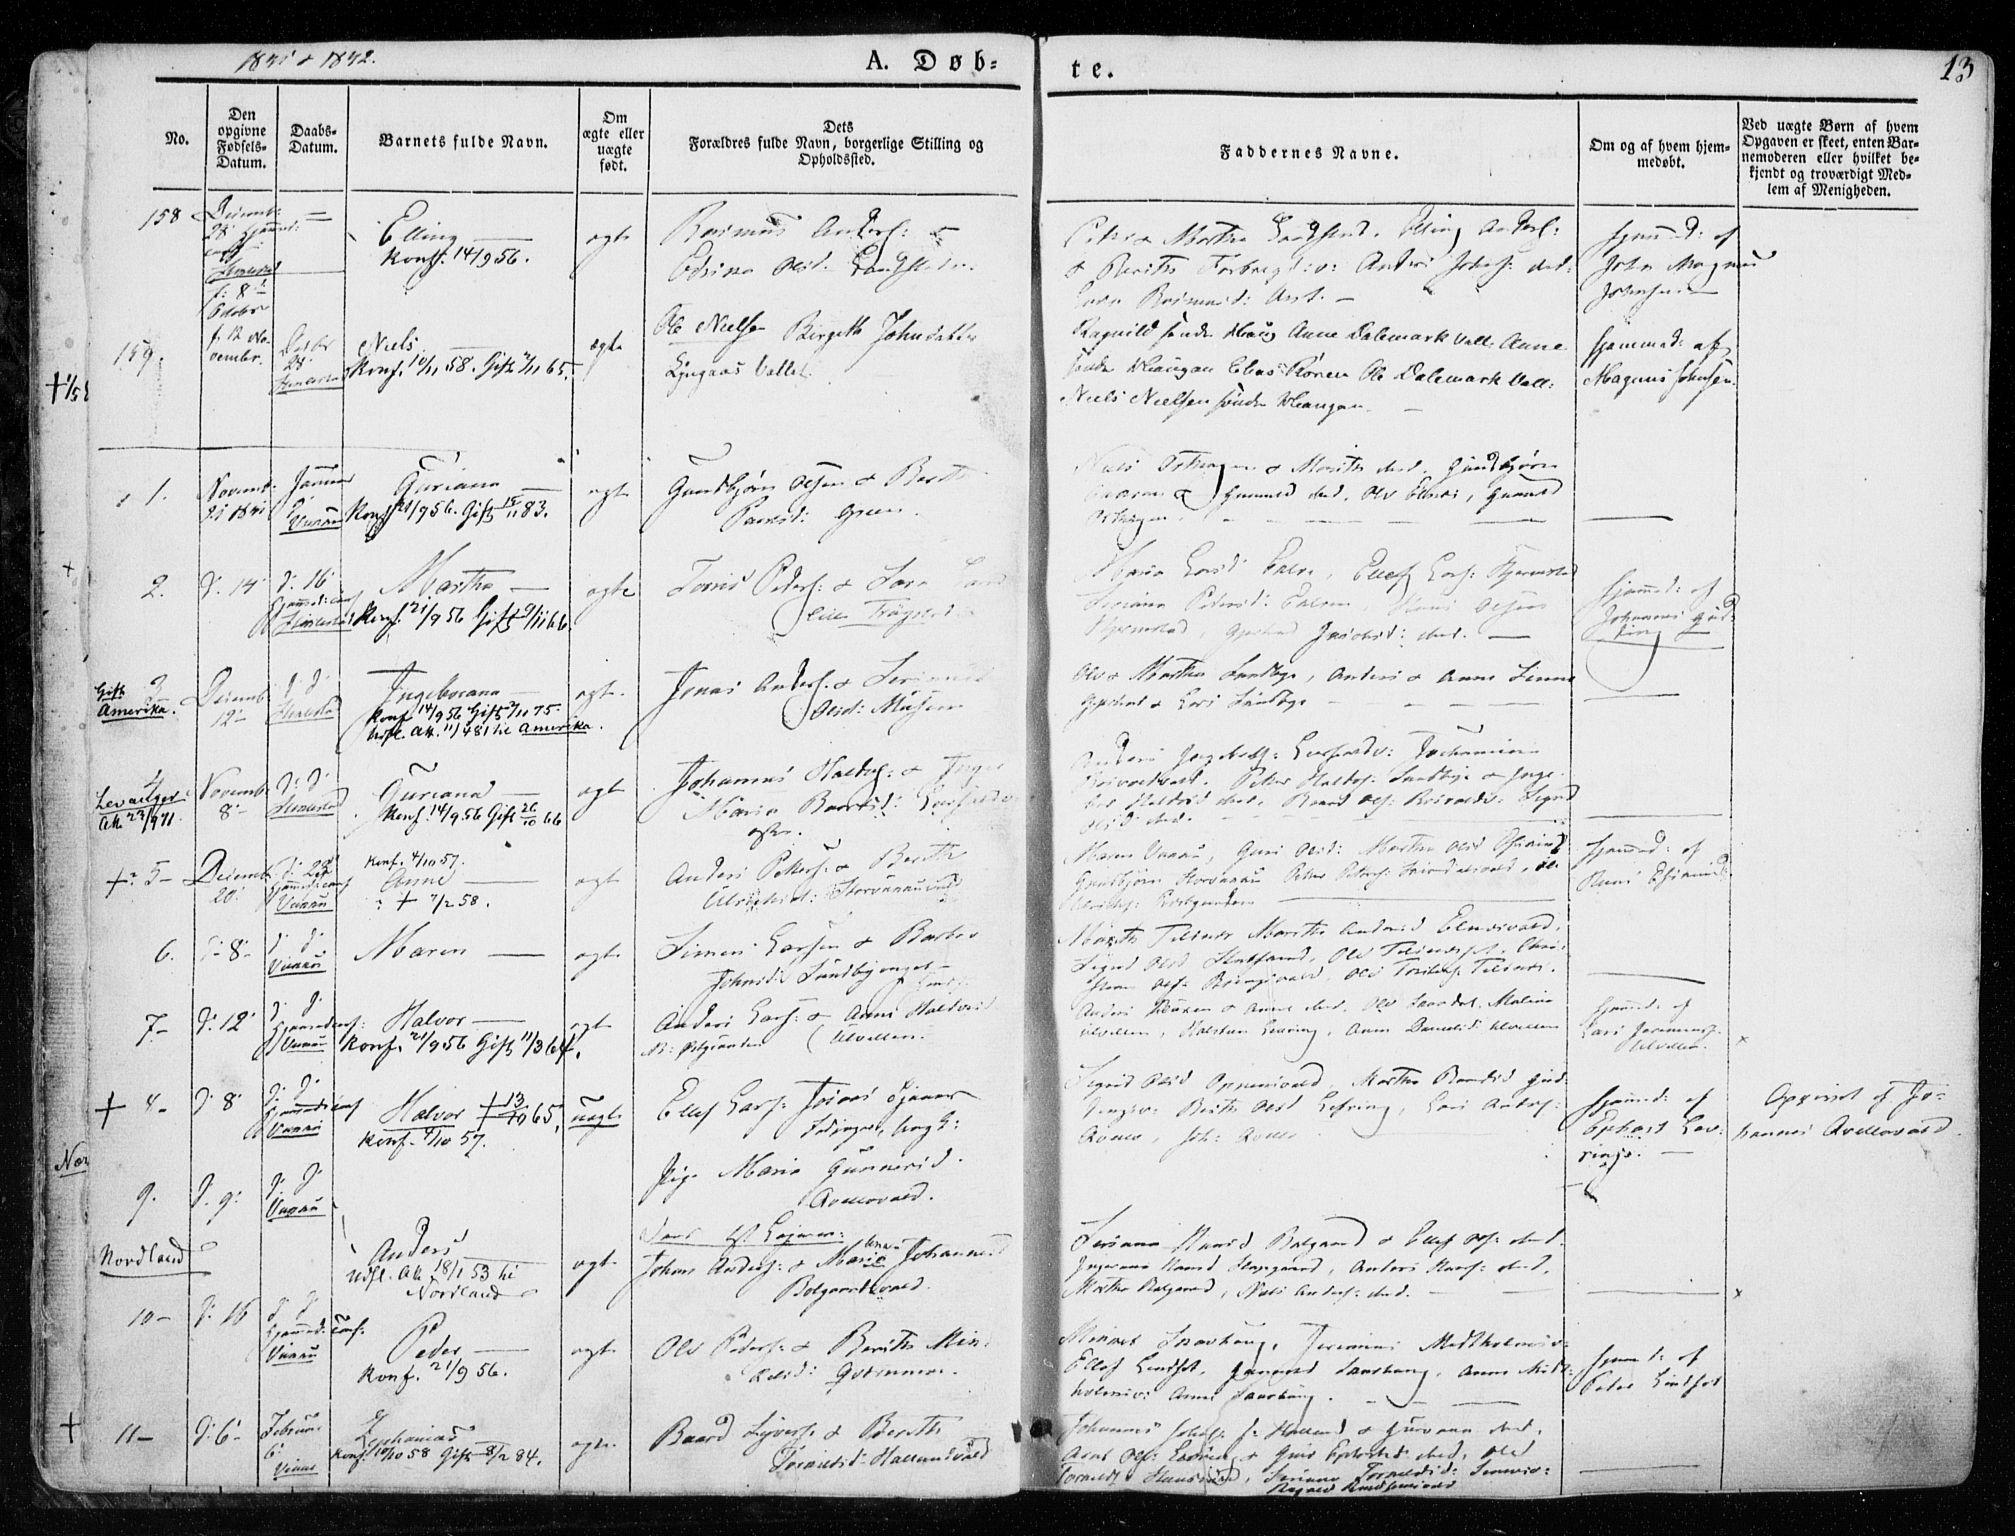 SAT, Ministerialprotokoller, klokkerbøker og fødselsregistre - Nord-Trøndelag, 723/L0239: Ministerialbok nr. 723A08, 1841-1851, s. 13